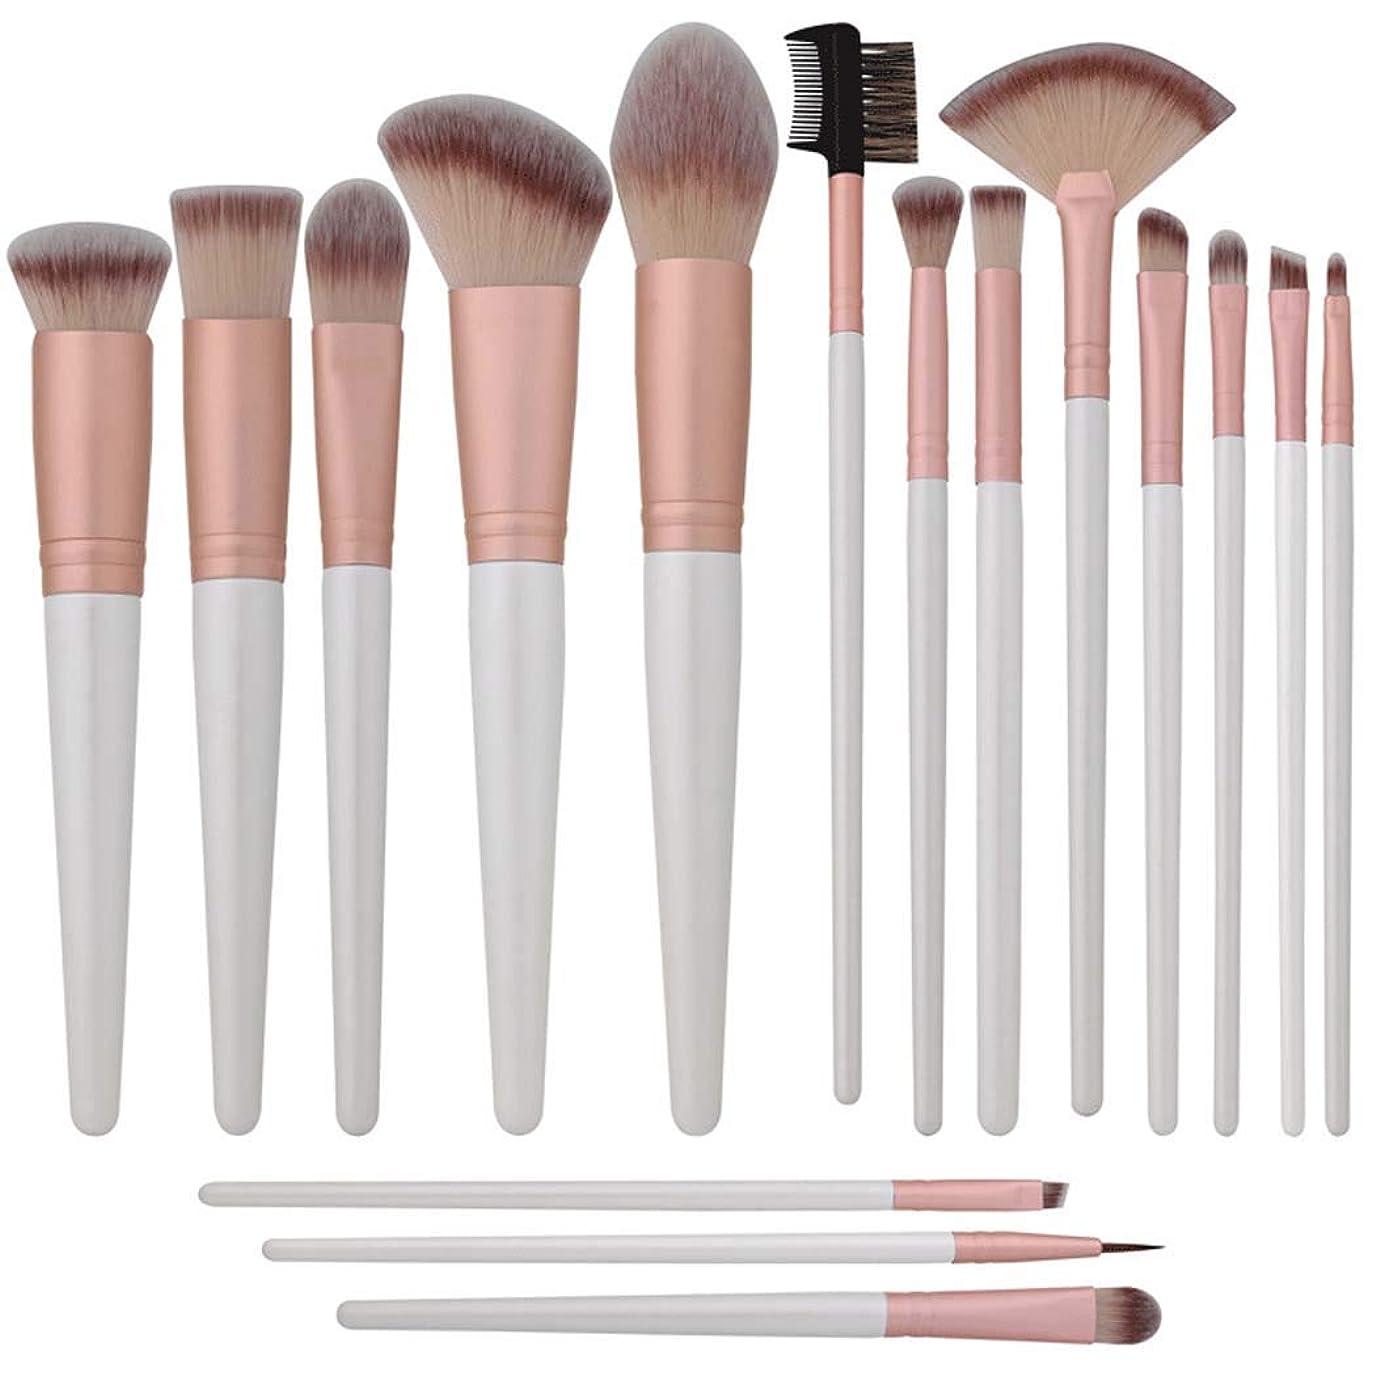 不足振る舞う基本的なメイクブラシメイクアップブラシセット16本フェイスフルセット化粧品ツール,White